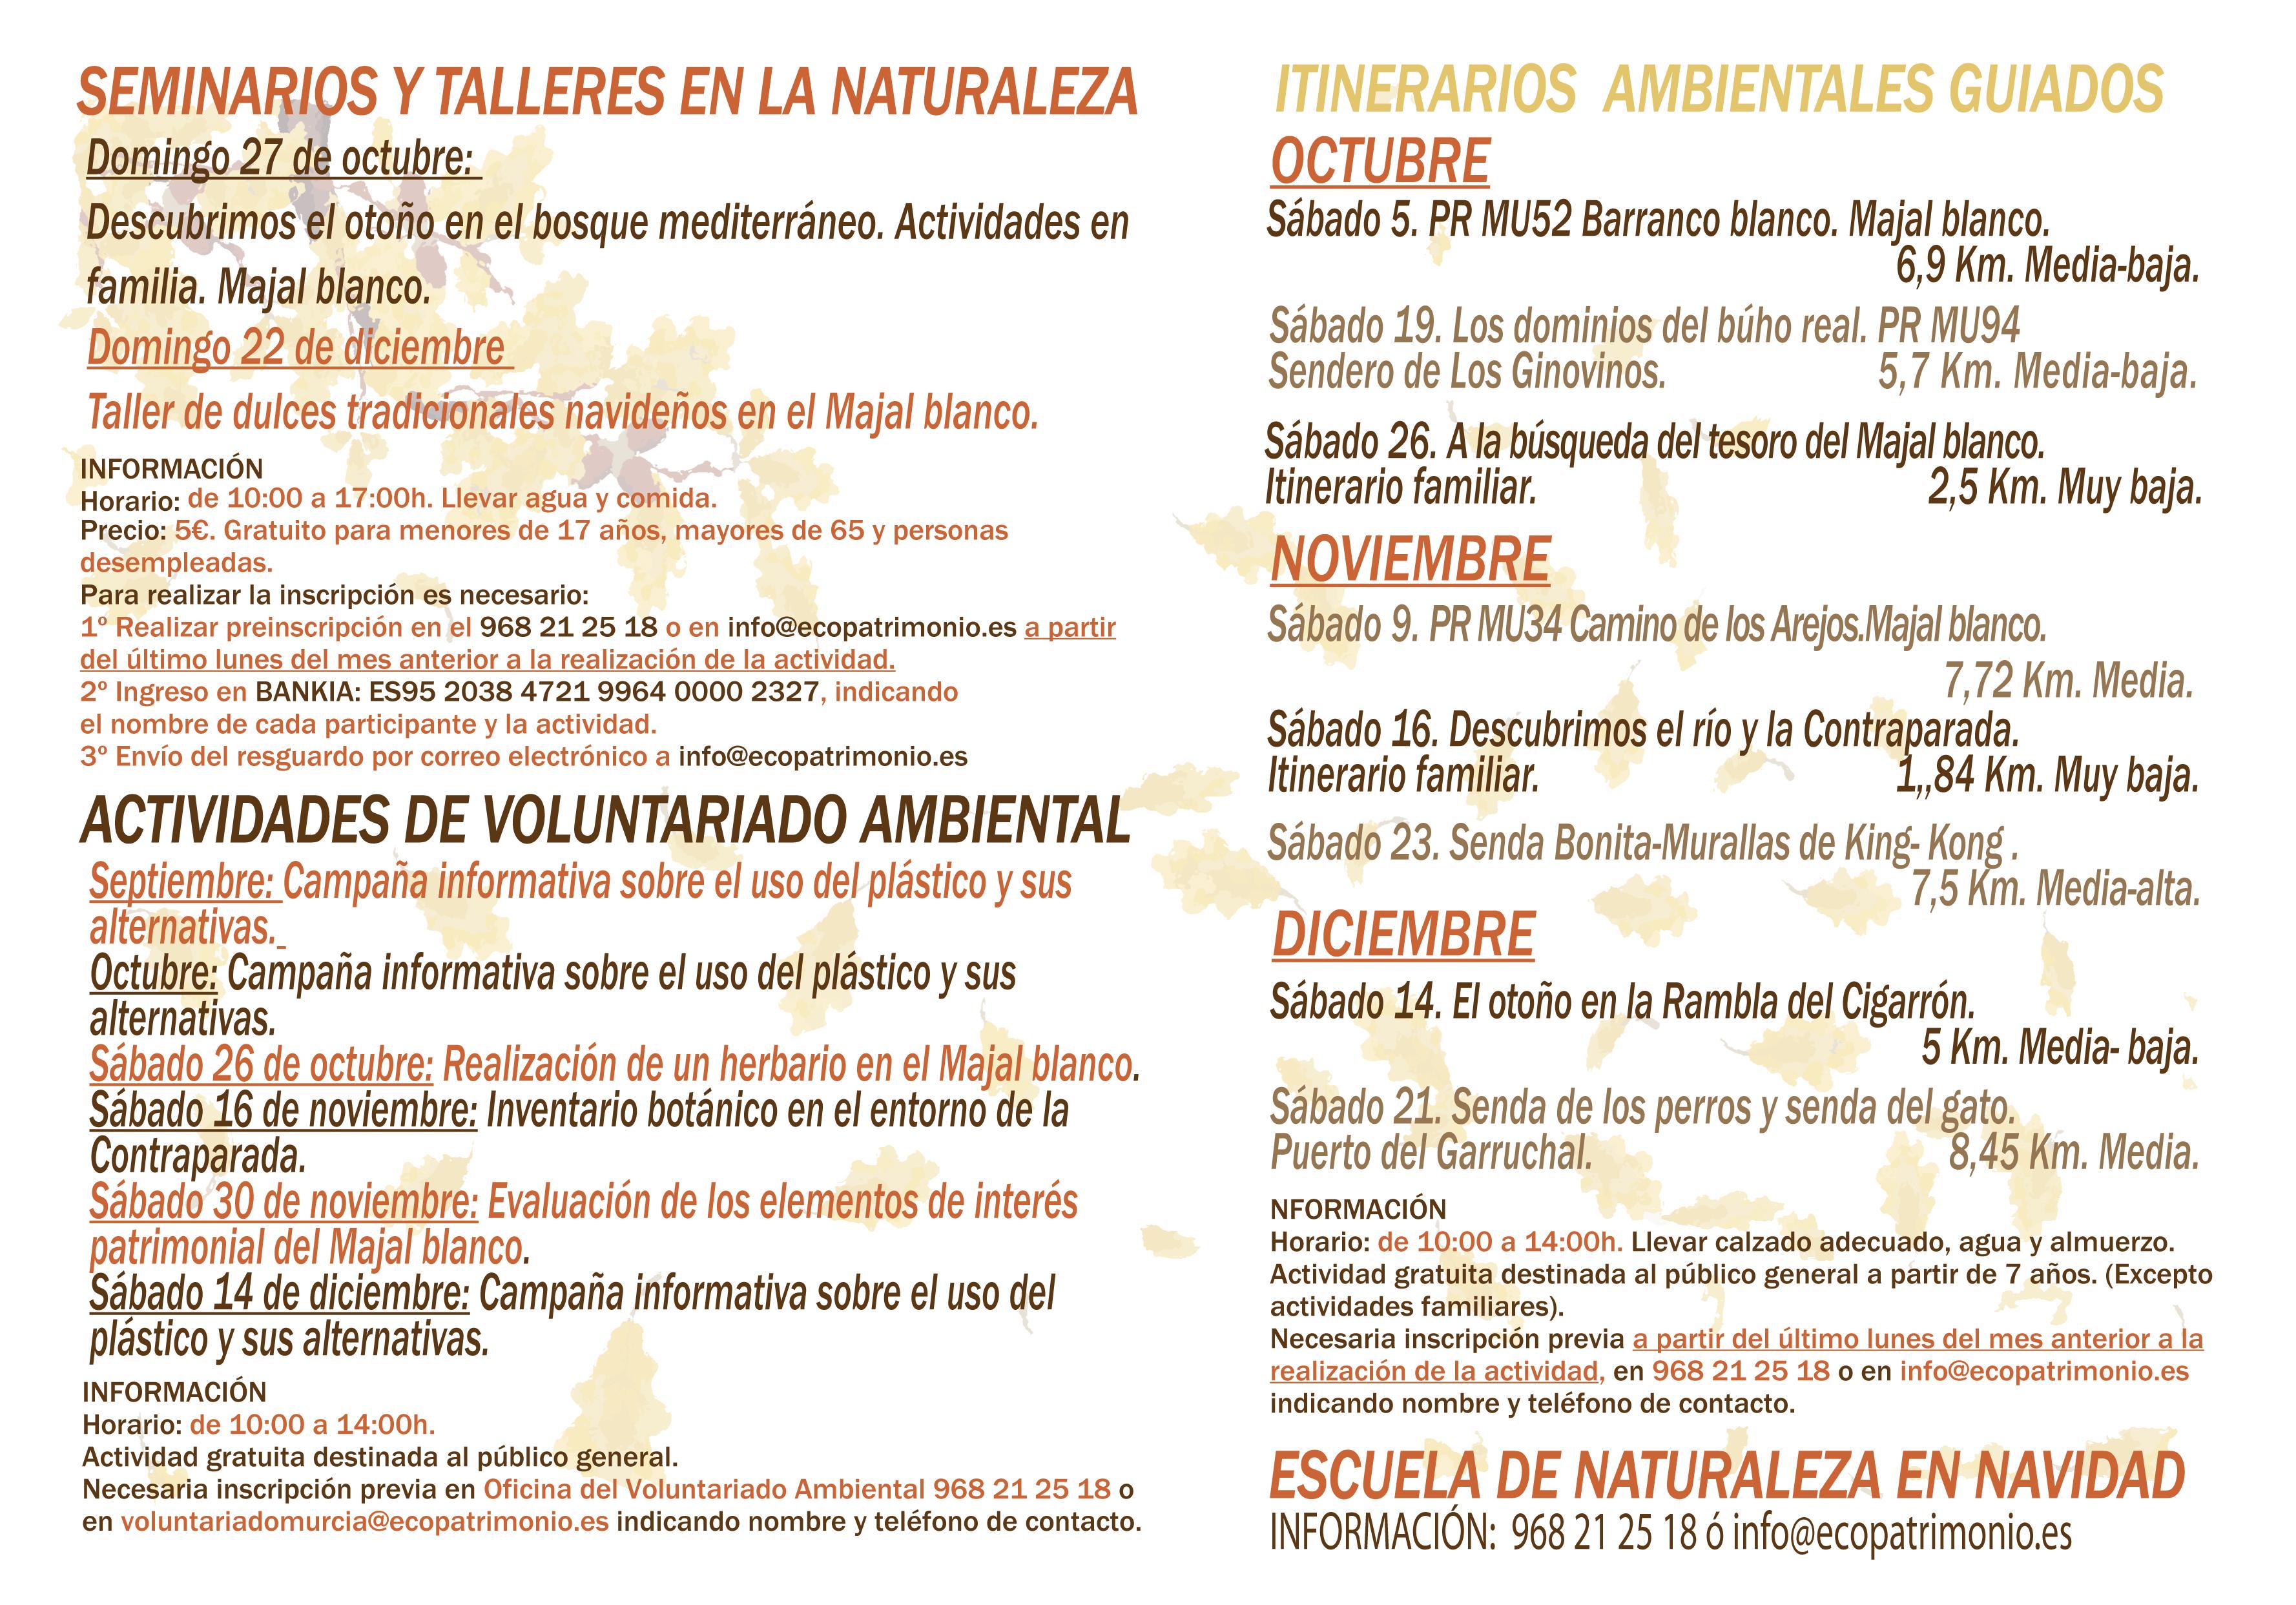 Programa de Actividades Ambientales, Octubre/Diciembre, Ayto. de Murcia